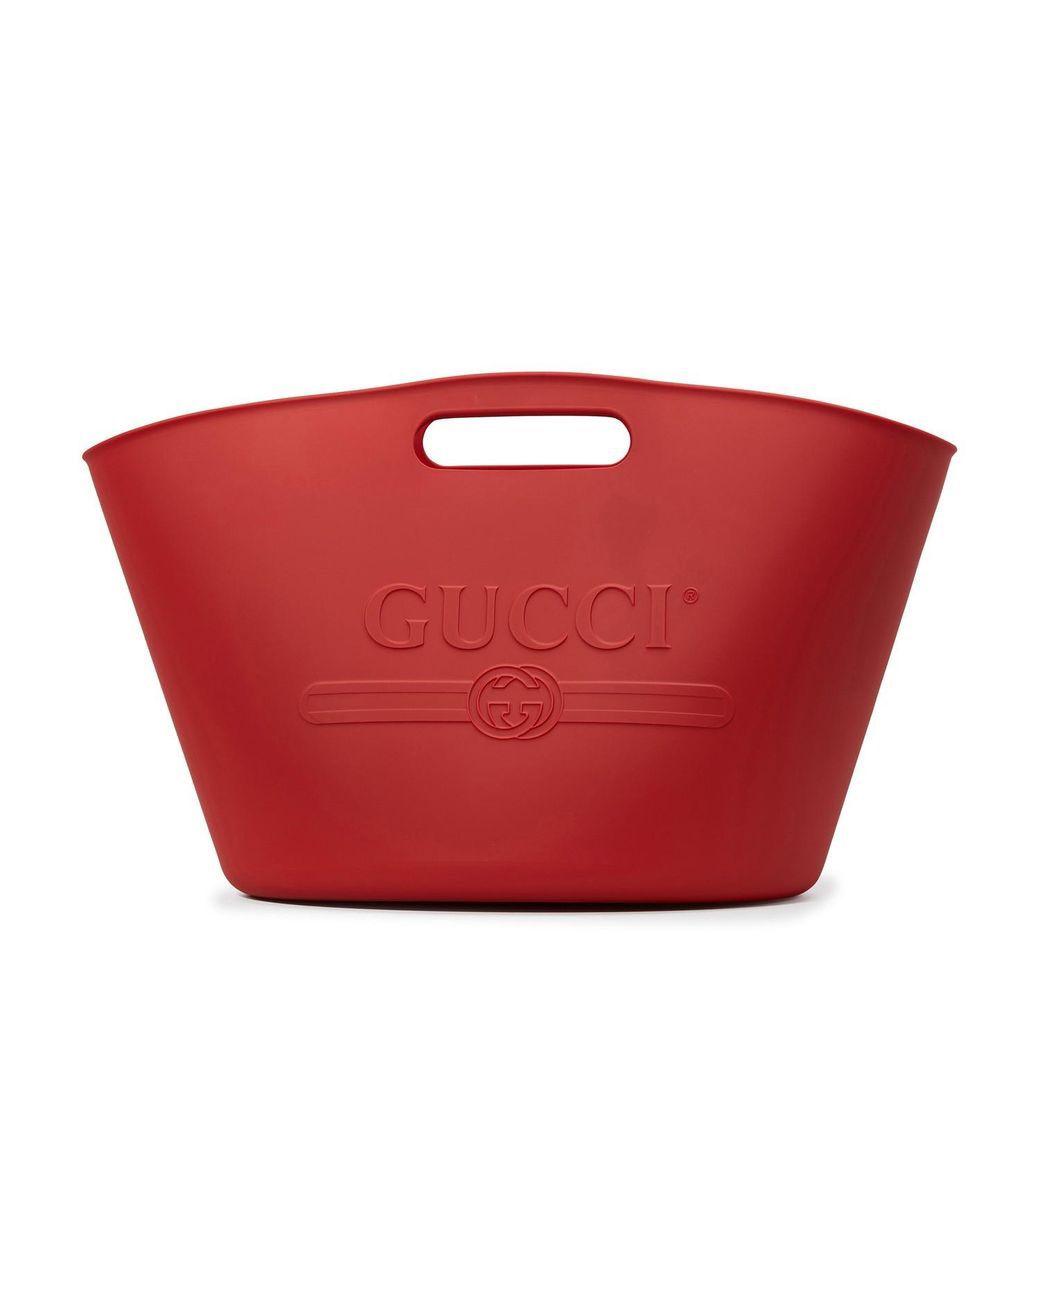 Gucci rubber tote bag